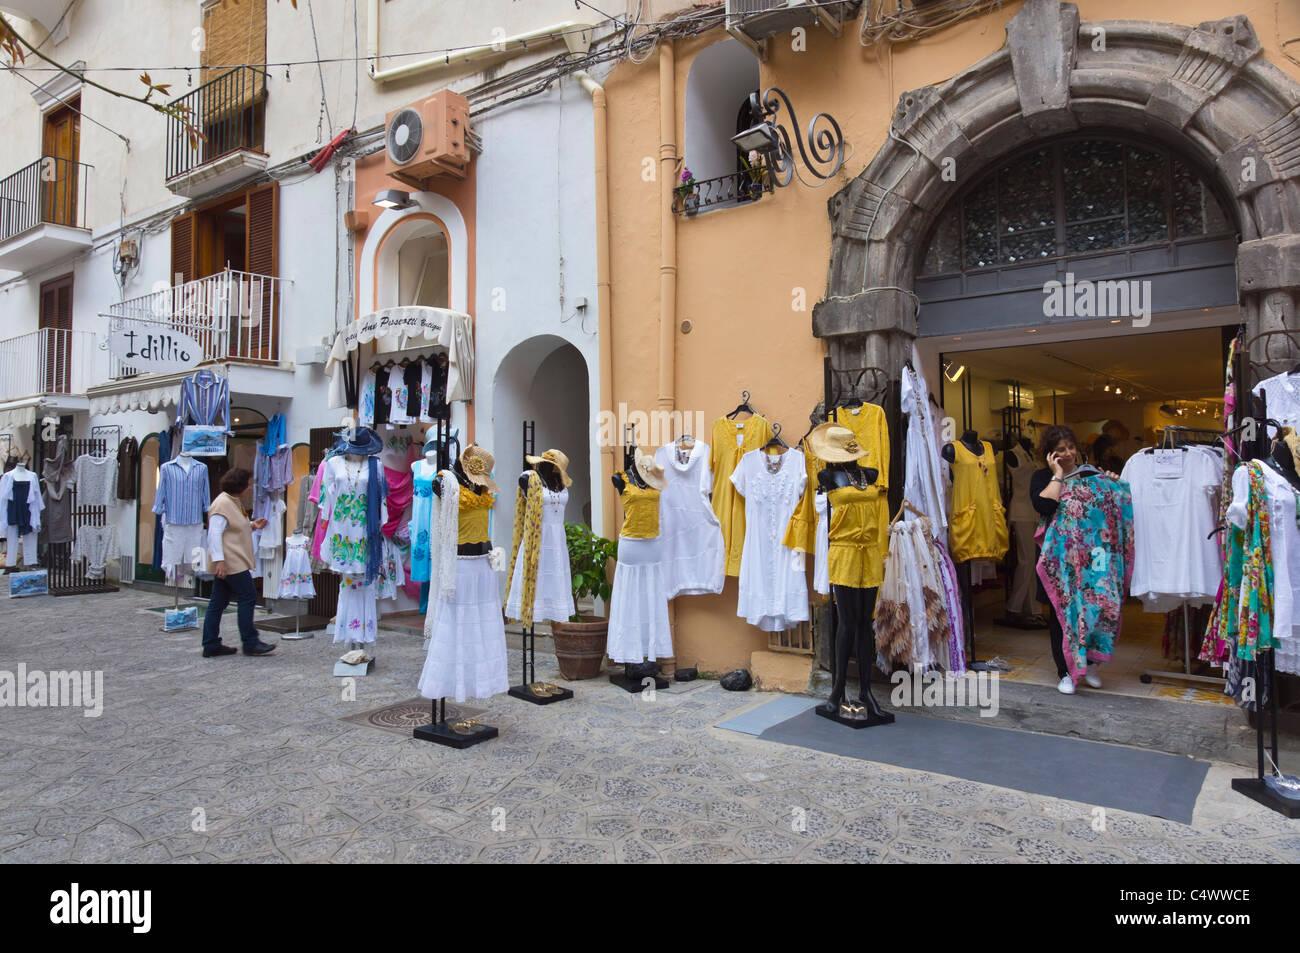 Italia - Positano. Per lo shopping a livello locale fatto di moda, famoso per abiti estivi, 'moda Positano'. Immagini Stock